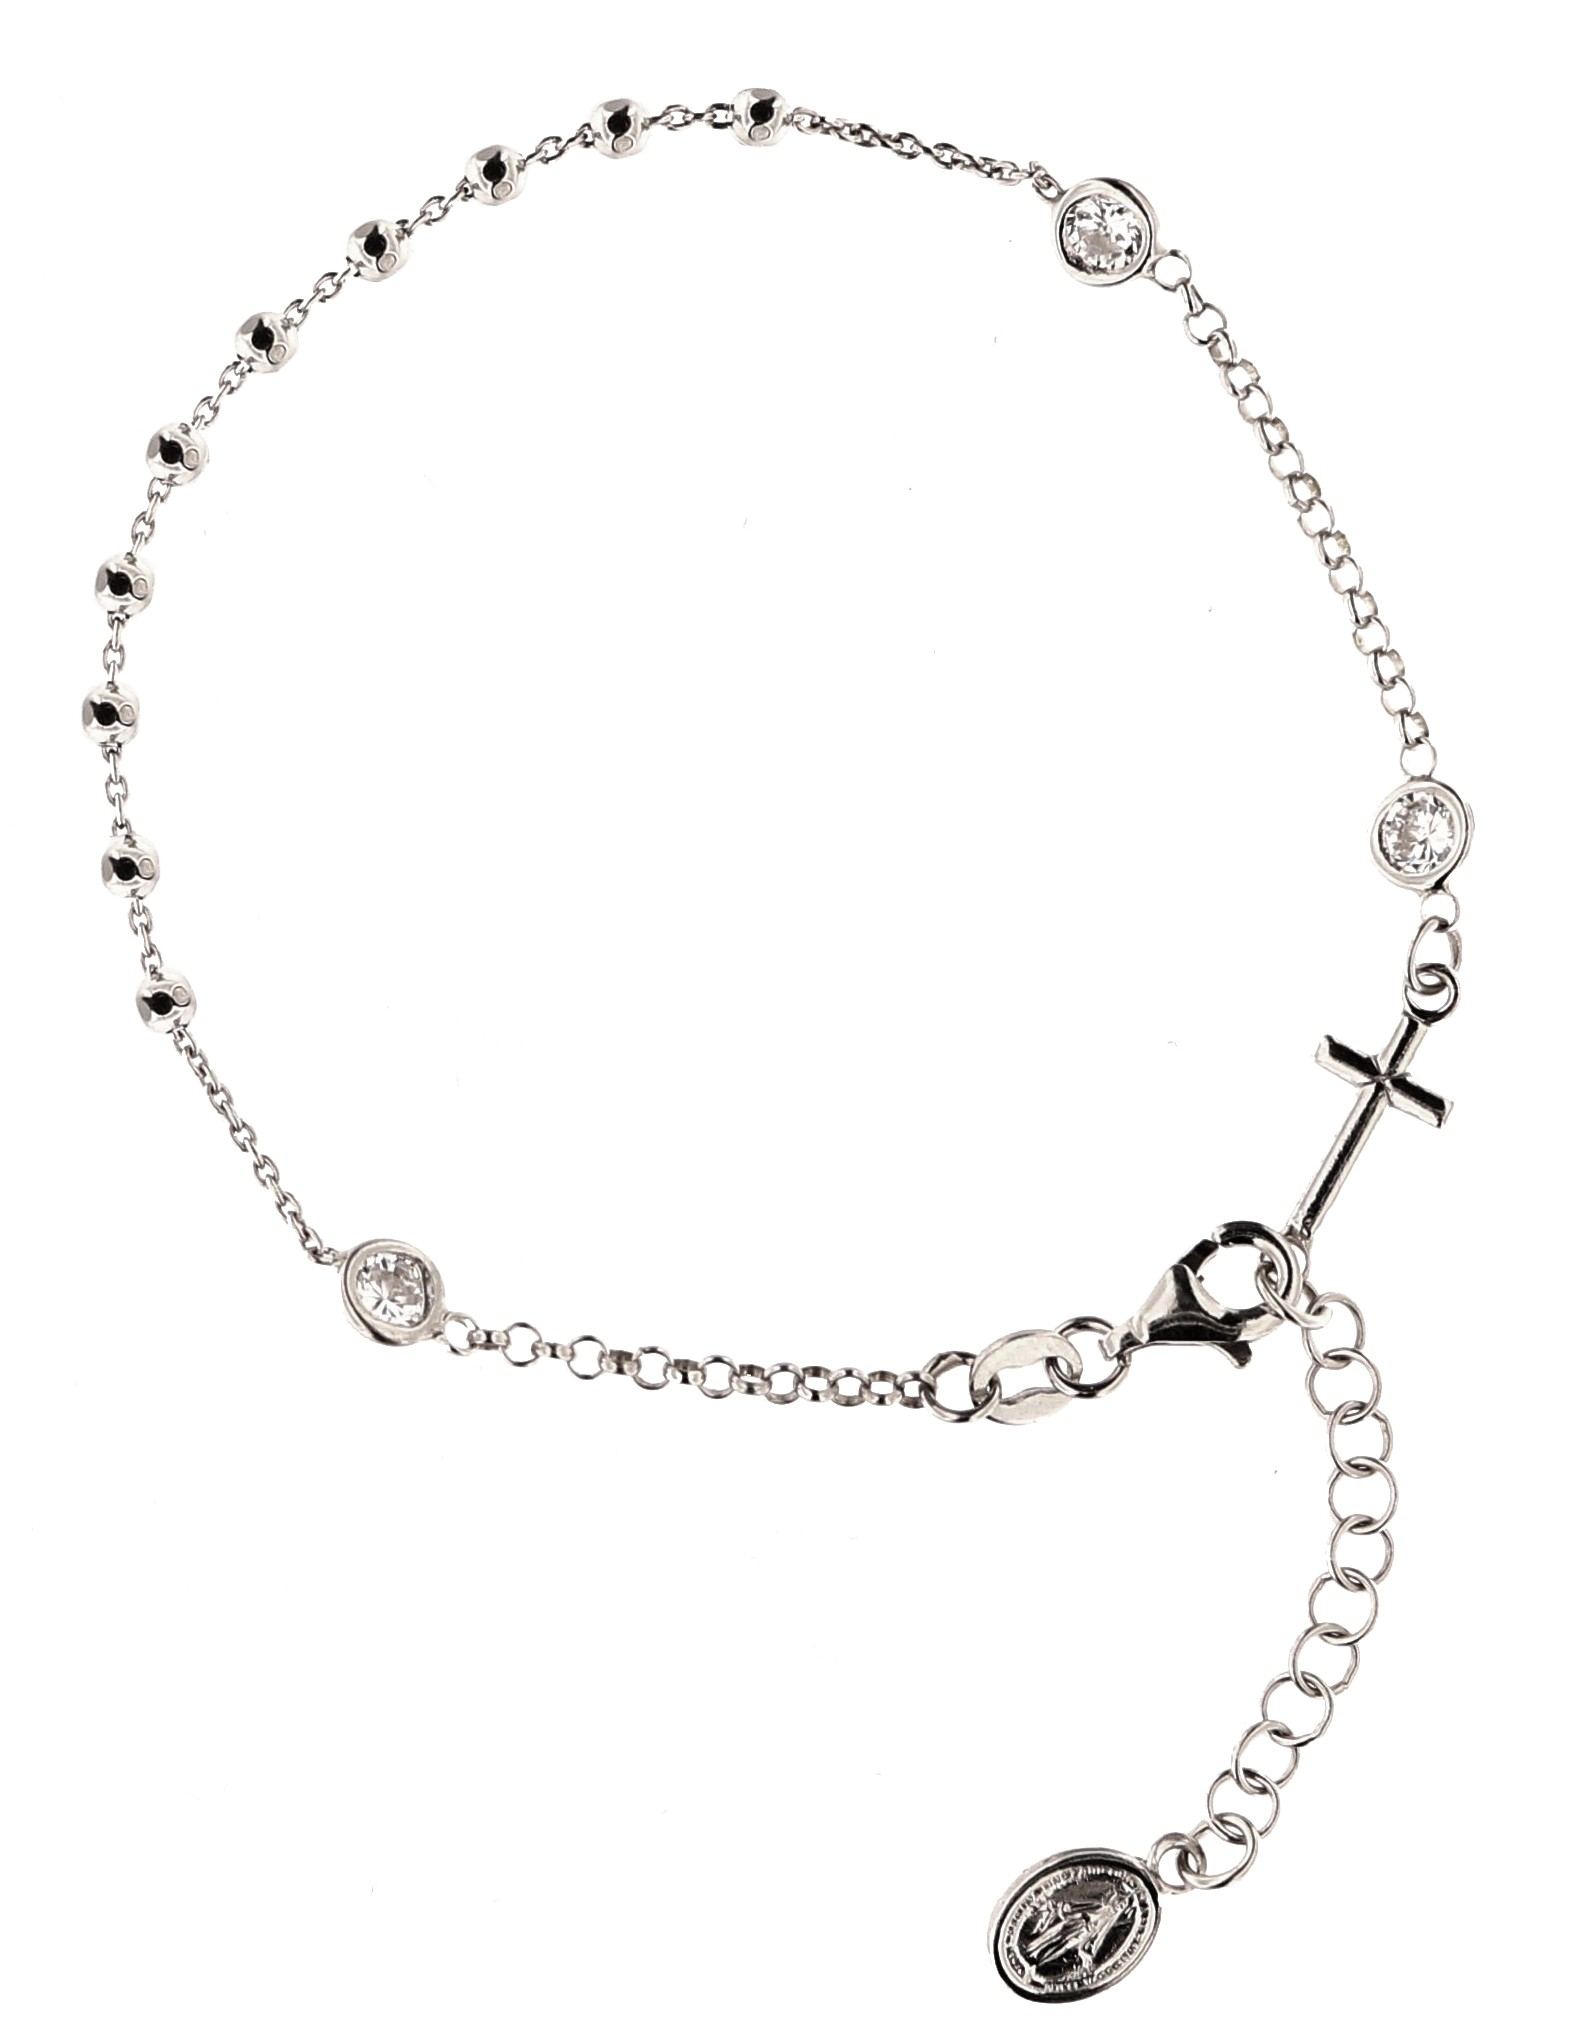 Armband mit Kreuz - Madonna, 925er Sterling Silber rhodiniert